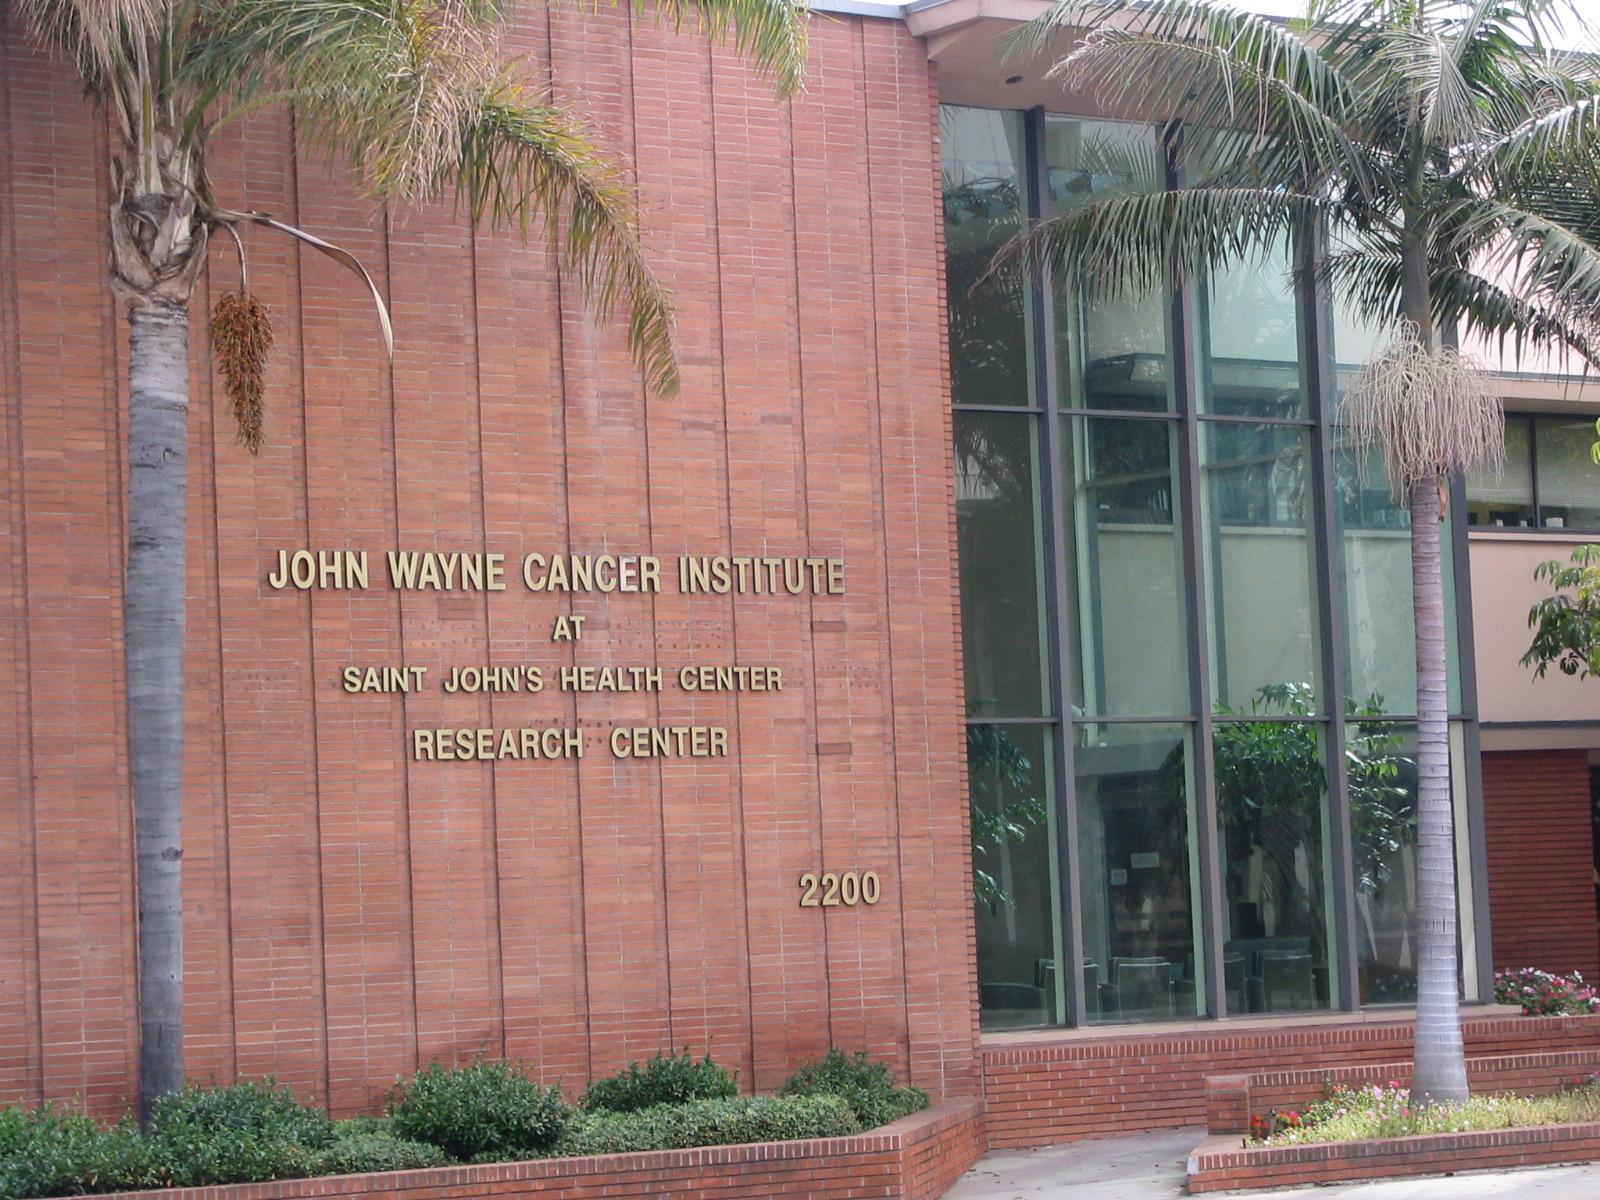 John Wayne Cancer Institute - Rt 66.jpg